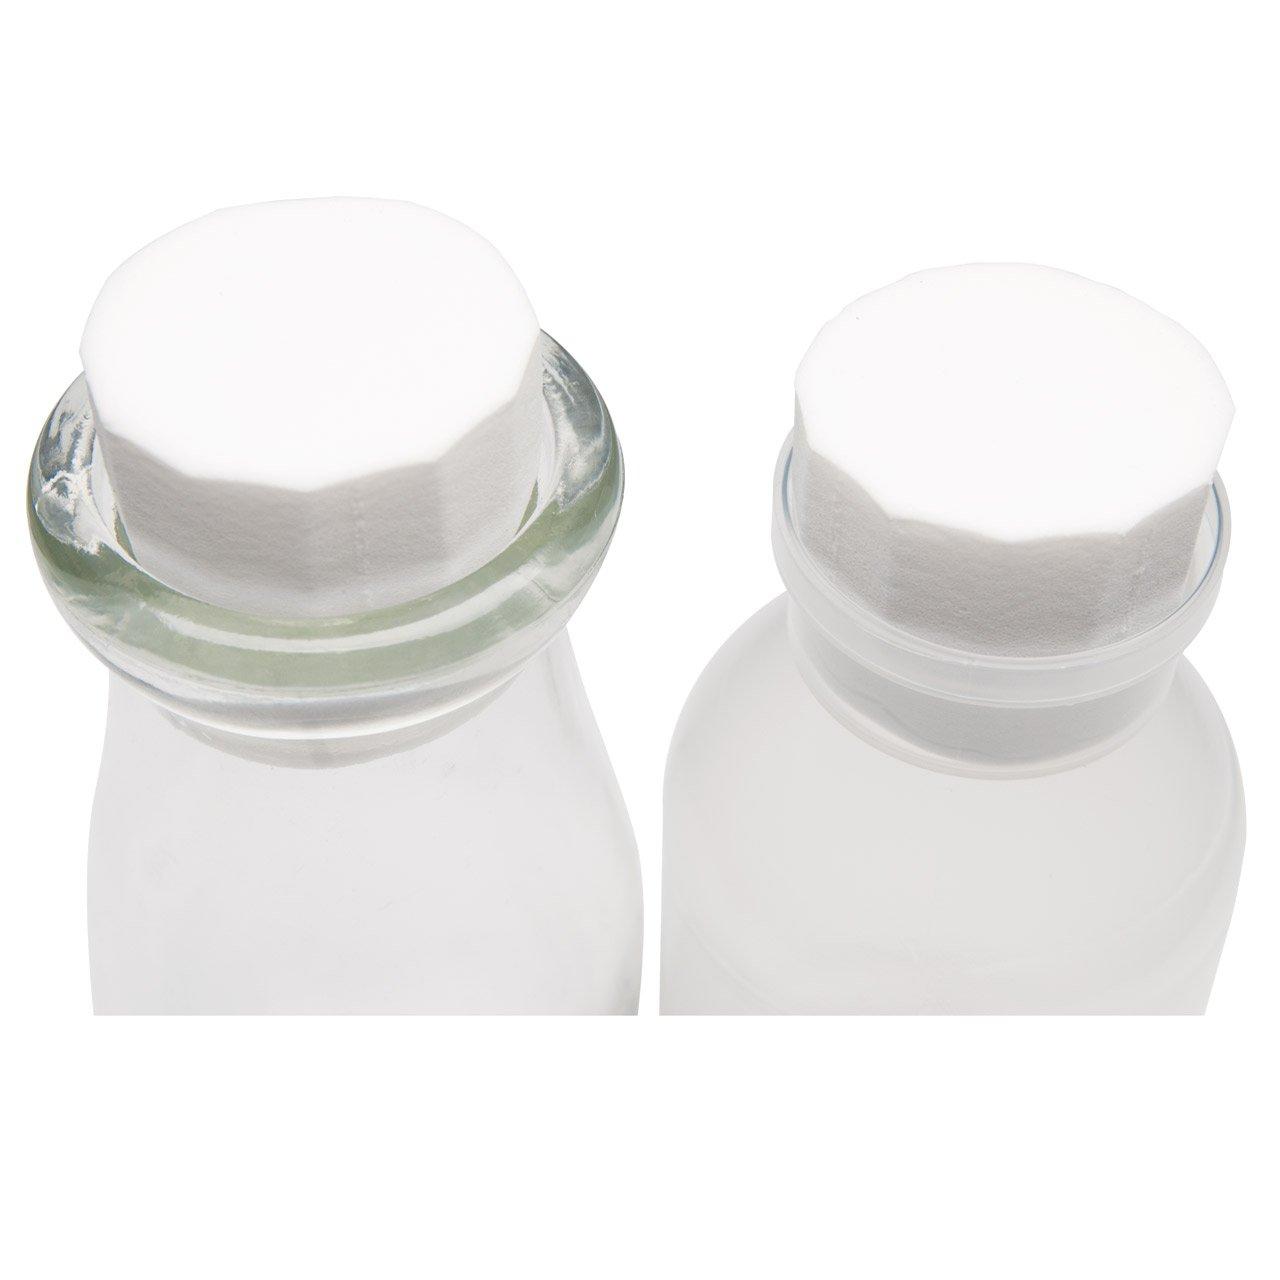 Droso Plugs for Plastic Bottles